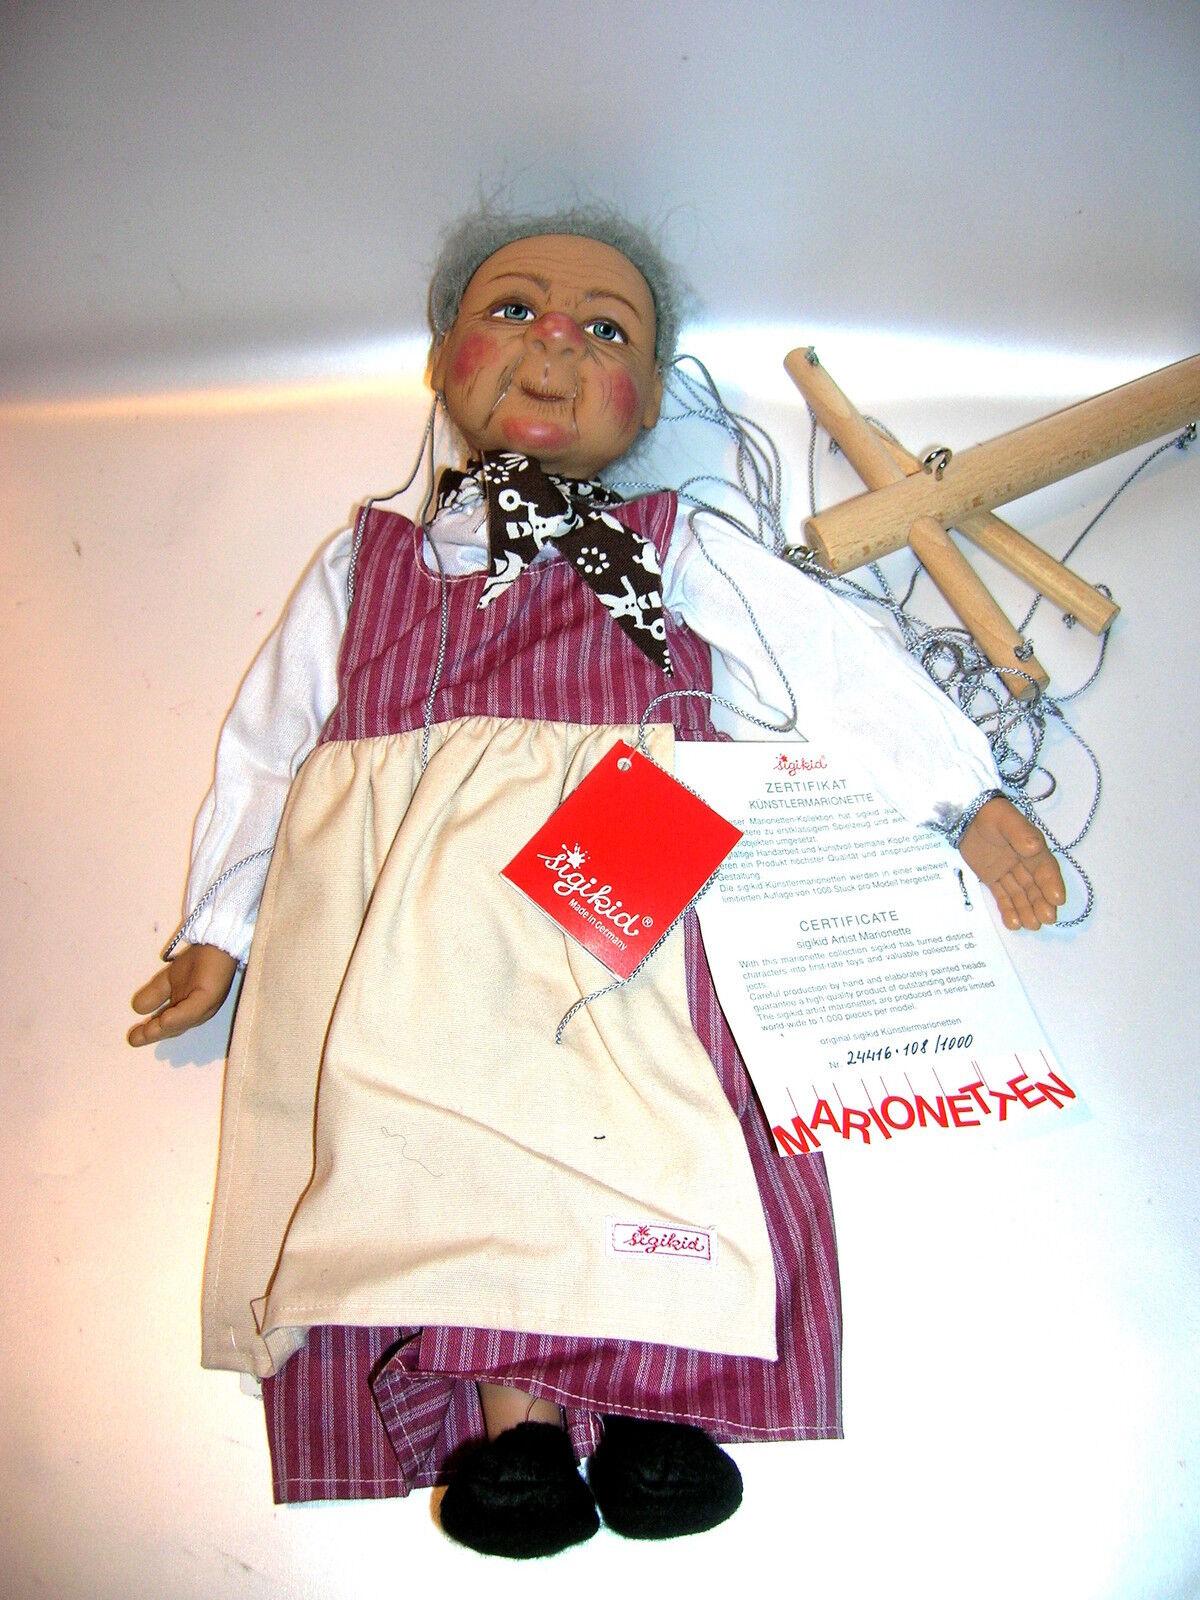 À la la À fin de l'année, je re erai à l'événeHommes t. Sigikid artistes marionnette mamie de Gabriele Brill limitée 108/1000 f9d605